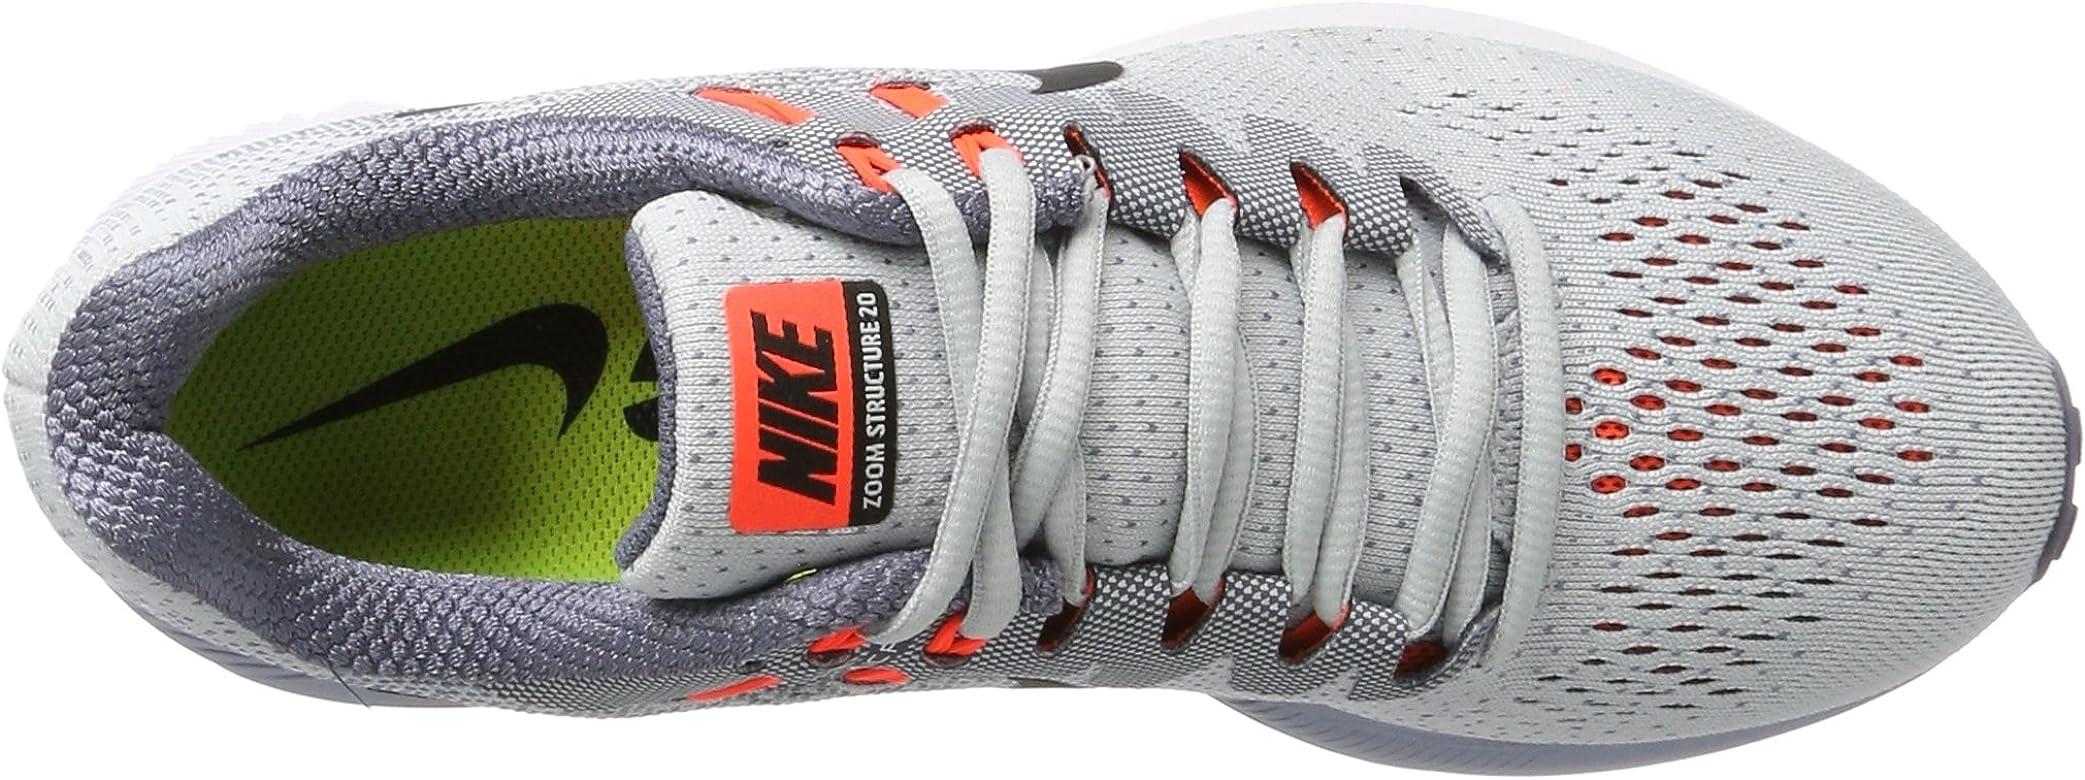 Nike Air Zoom Structure 20, Zapatillas de Entrenamiento para Hombre, Gris (Pure Platinum/Black-lt Carbon-Total Crim), 40 EU: Amazon.es: Zapatos y complementos